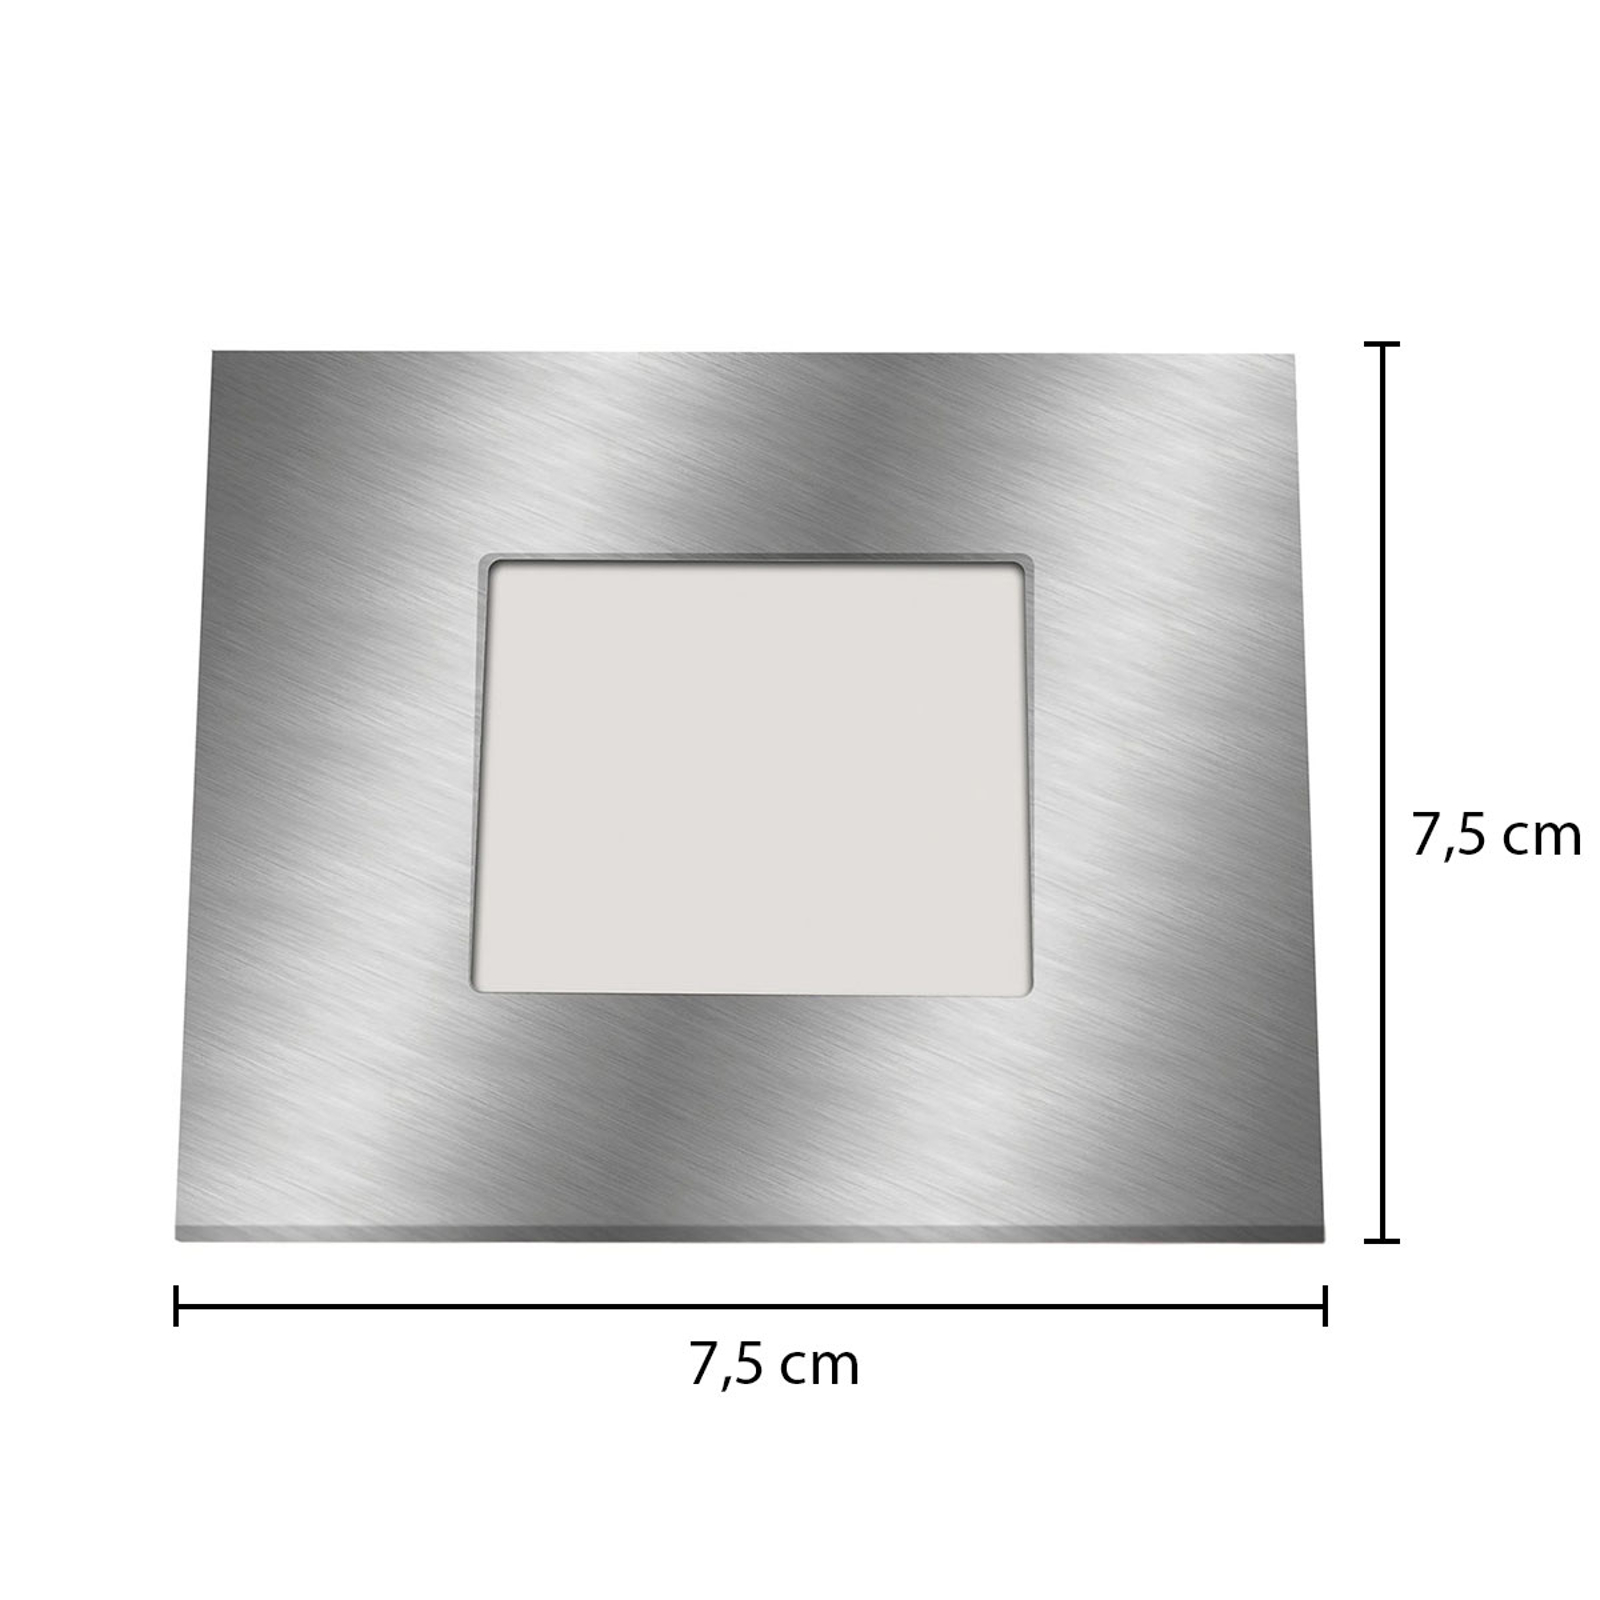 LED-inbyggnadslampa för inbyggnadsdosor, silver